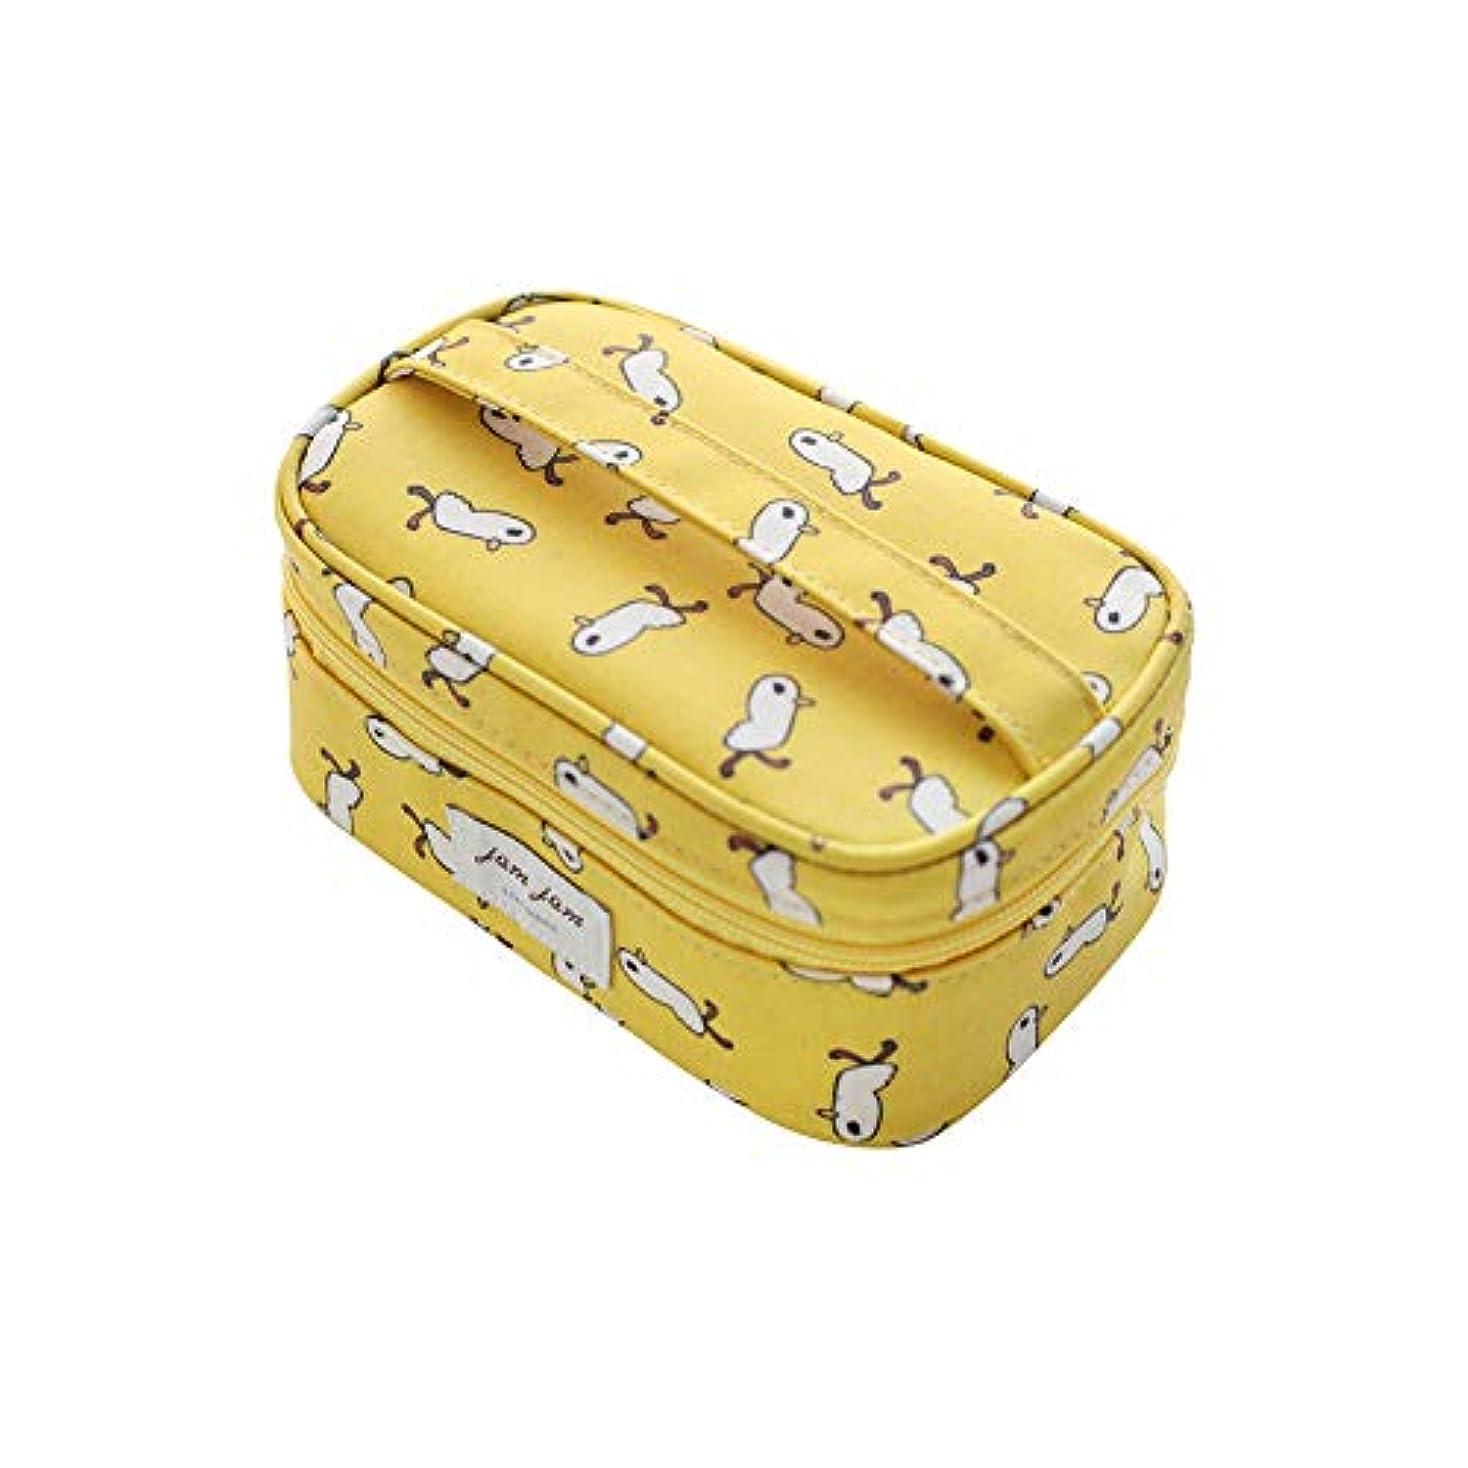 ドロッププライム厚さ[LIVEWORK] JAMJAM makeup pouch (duck) ジェムジェムメイクポーチ(あひる) ブラッシュ メイクアップ イエロー 黄色